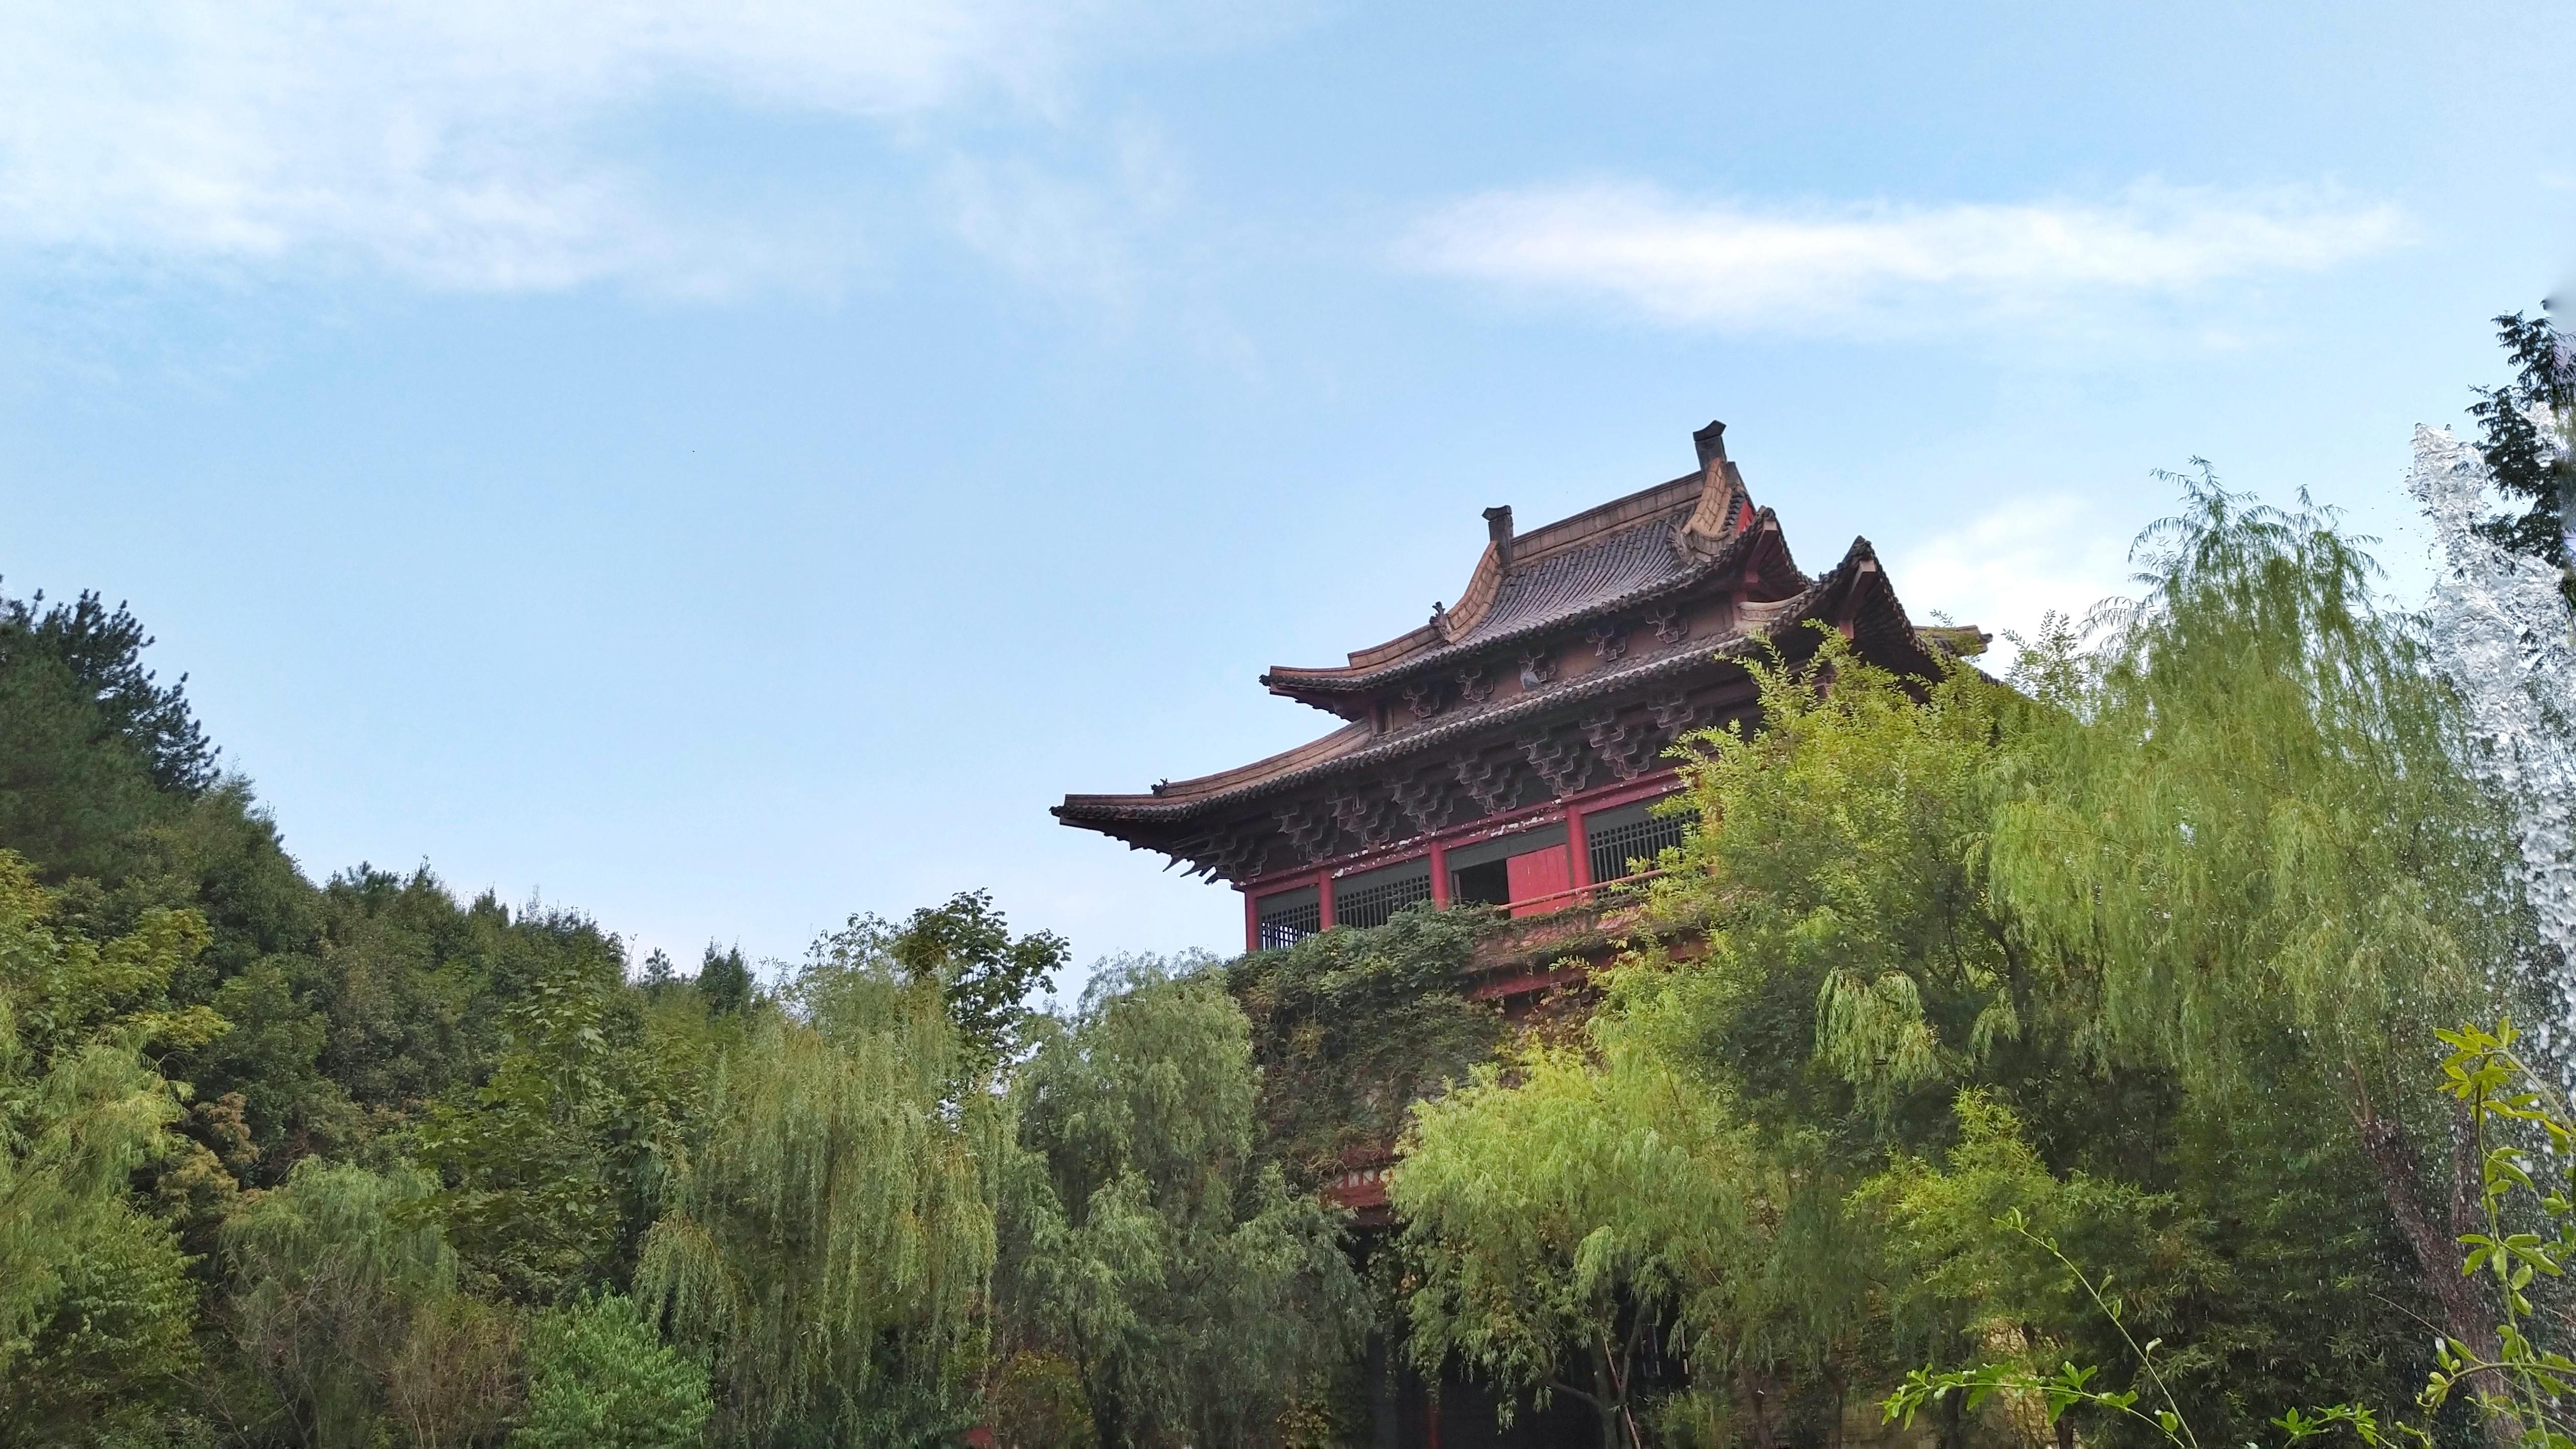 清明上河图景区的城门建筑 明清民居博览城景区:占地面积900余亩